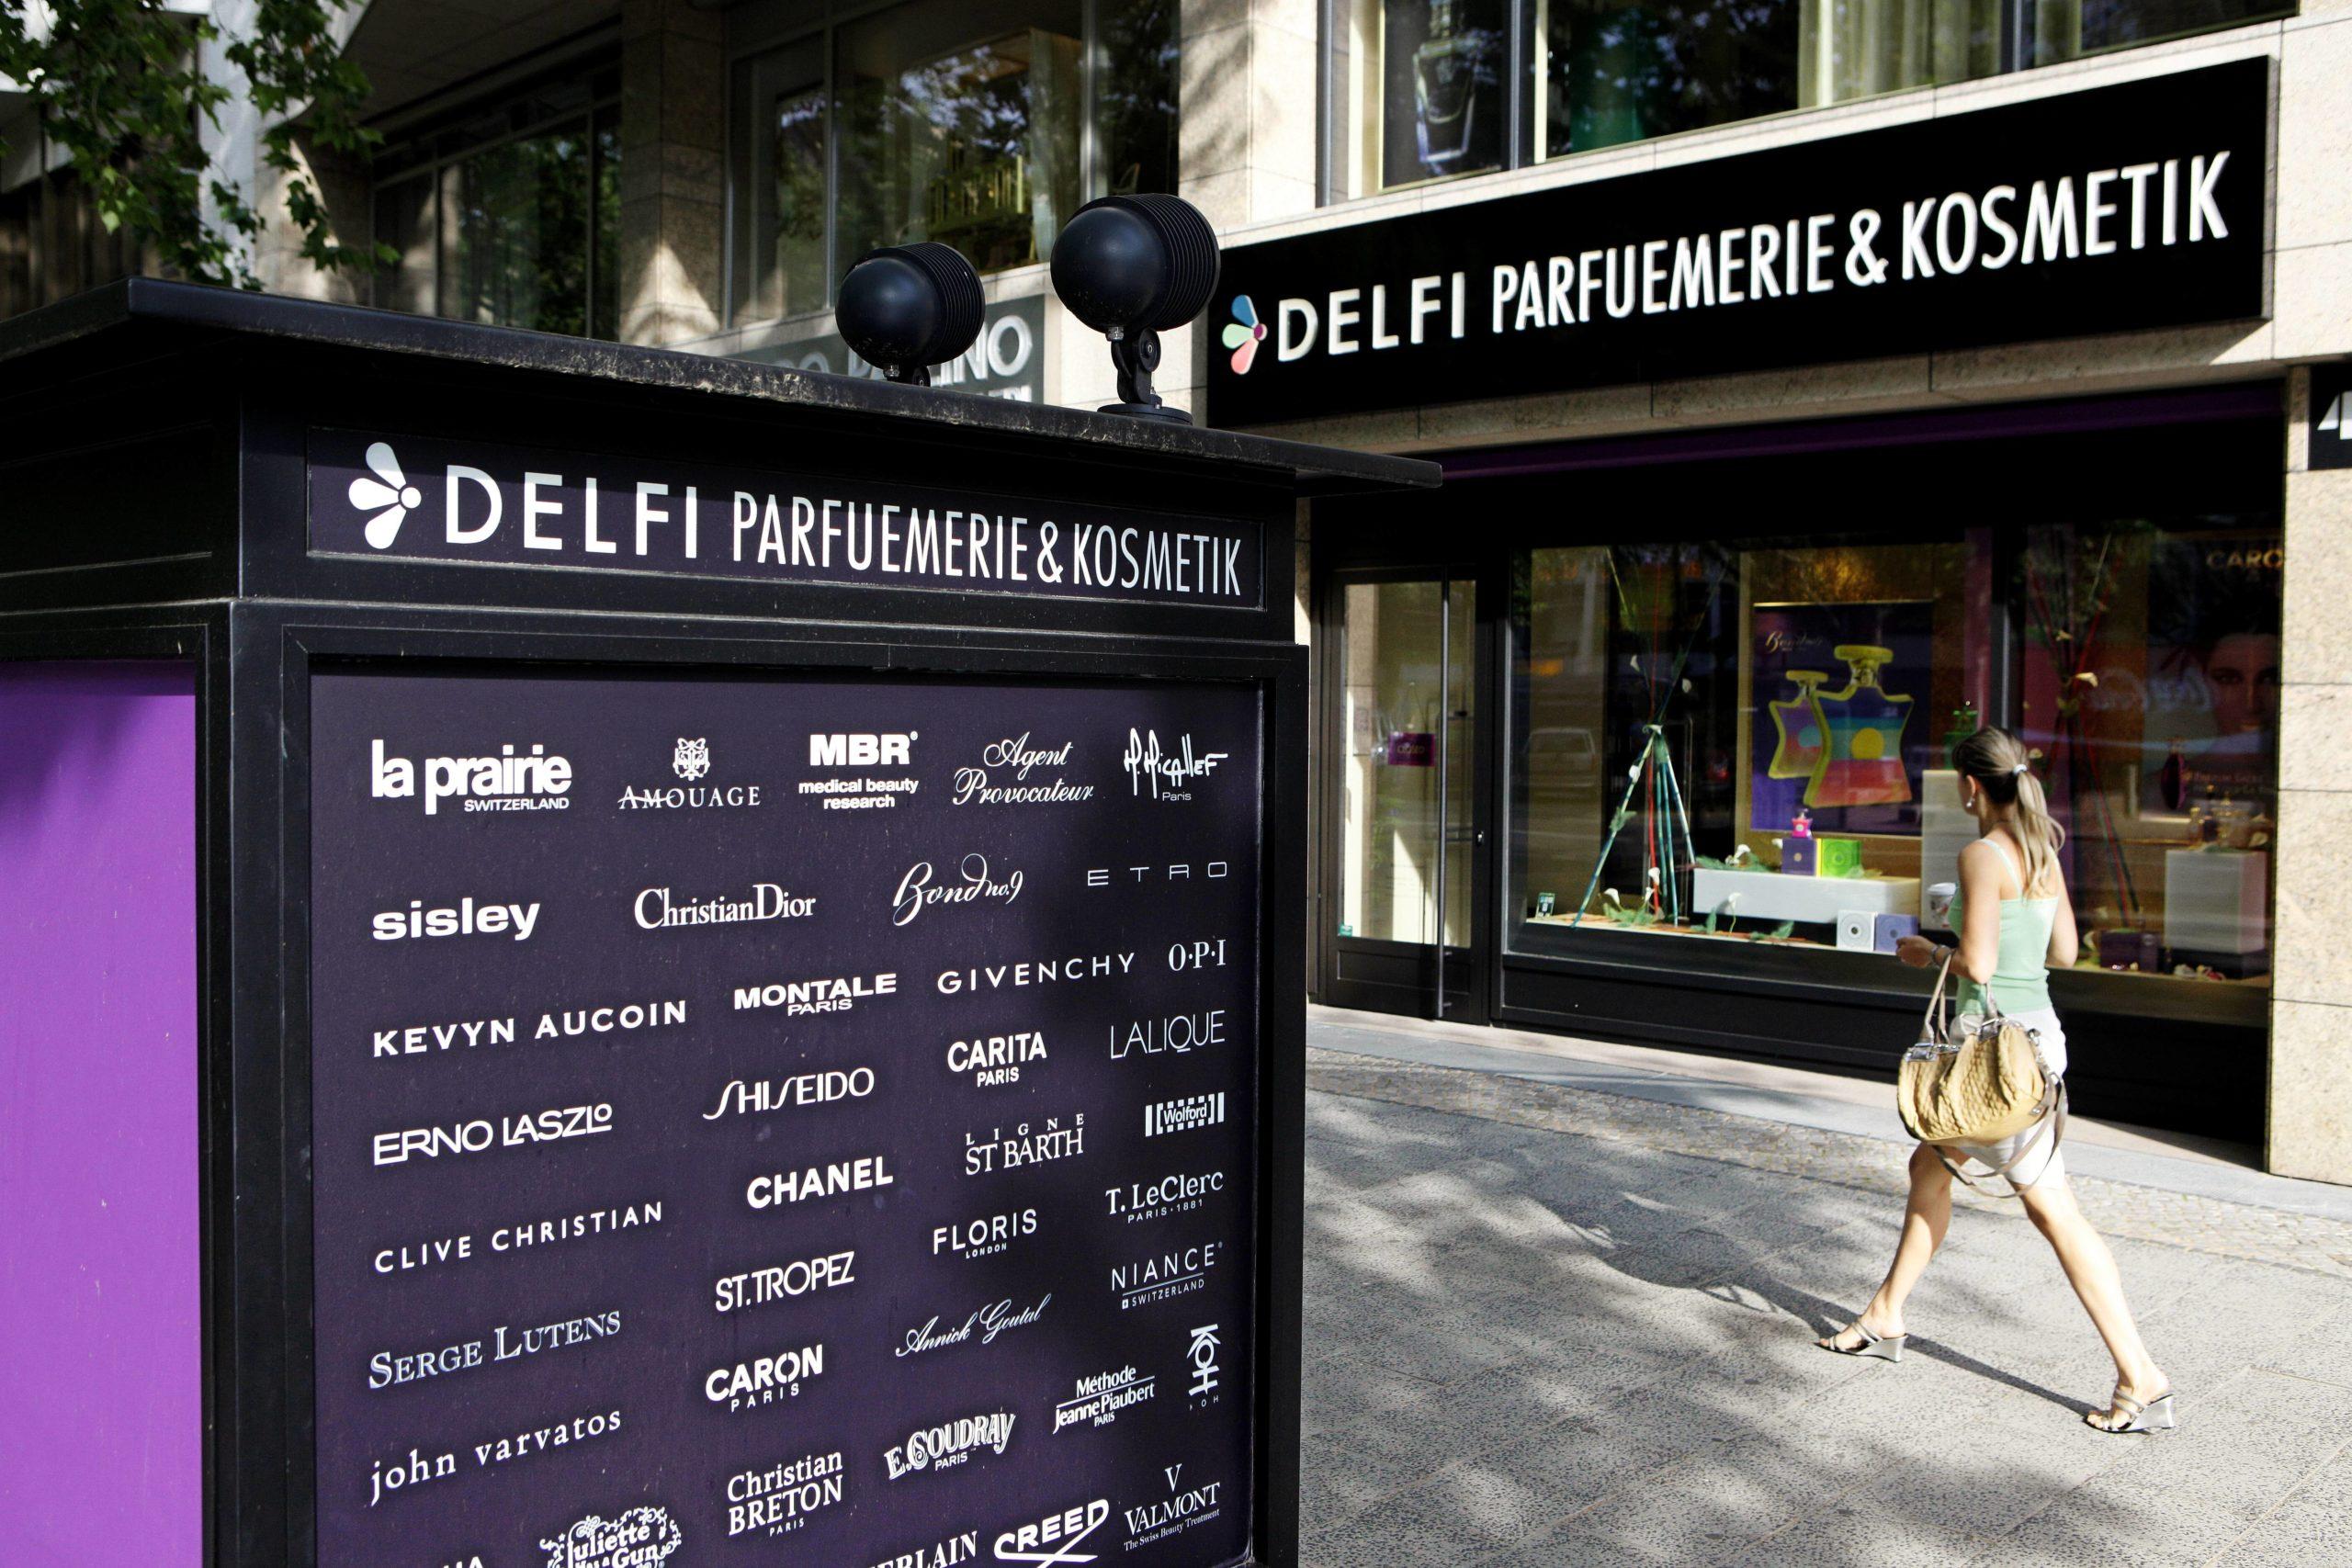 Parfümerien in Berlin: In der Delfi Parfümerie liegt der Fokus liegt auf Raritäten, Neuheiten und Düften aus der ganzen Welt. Foto: Imago/eventfotografen.de